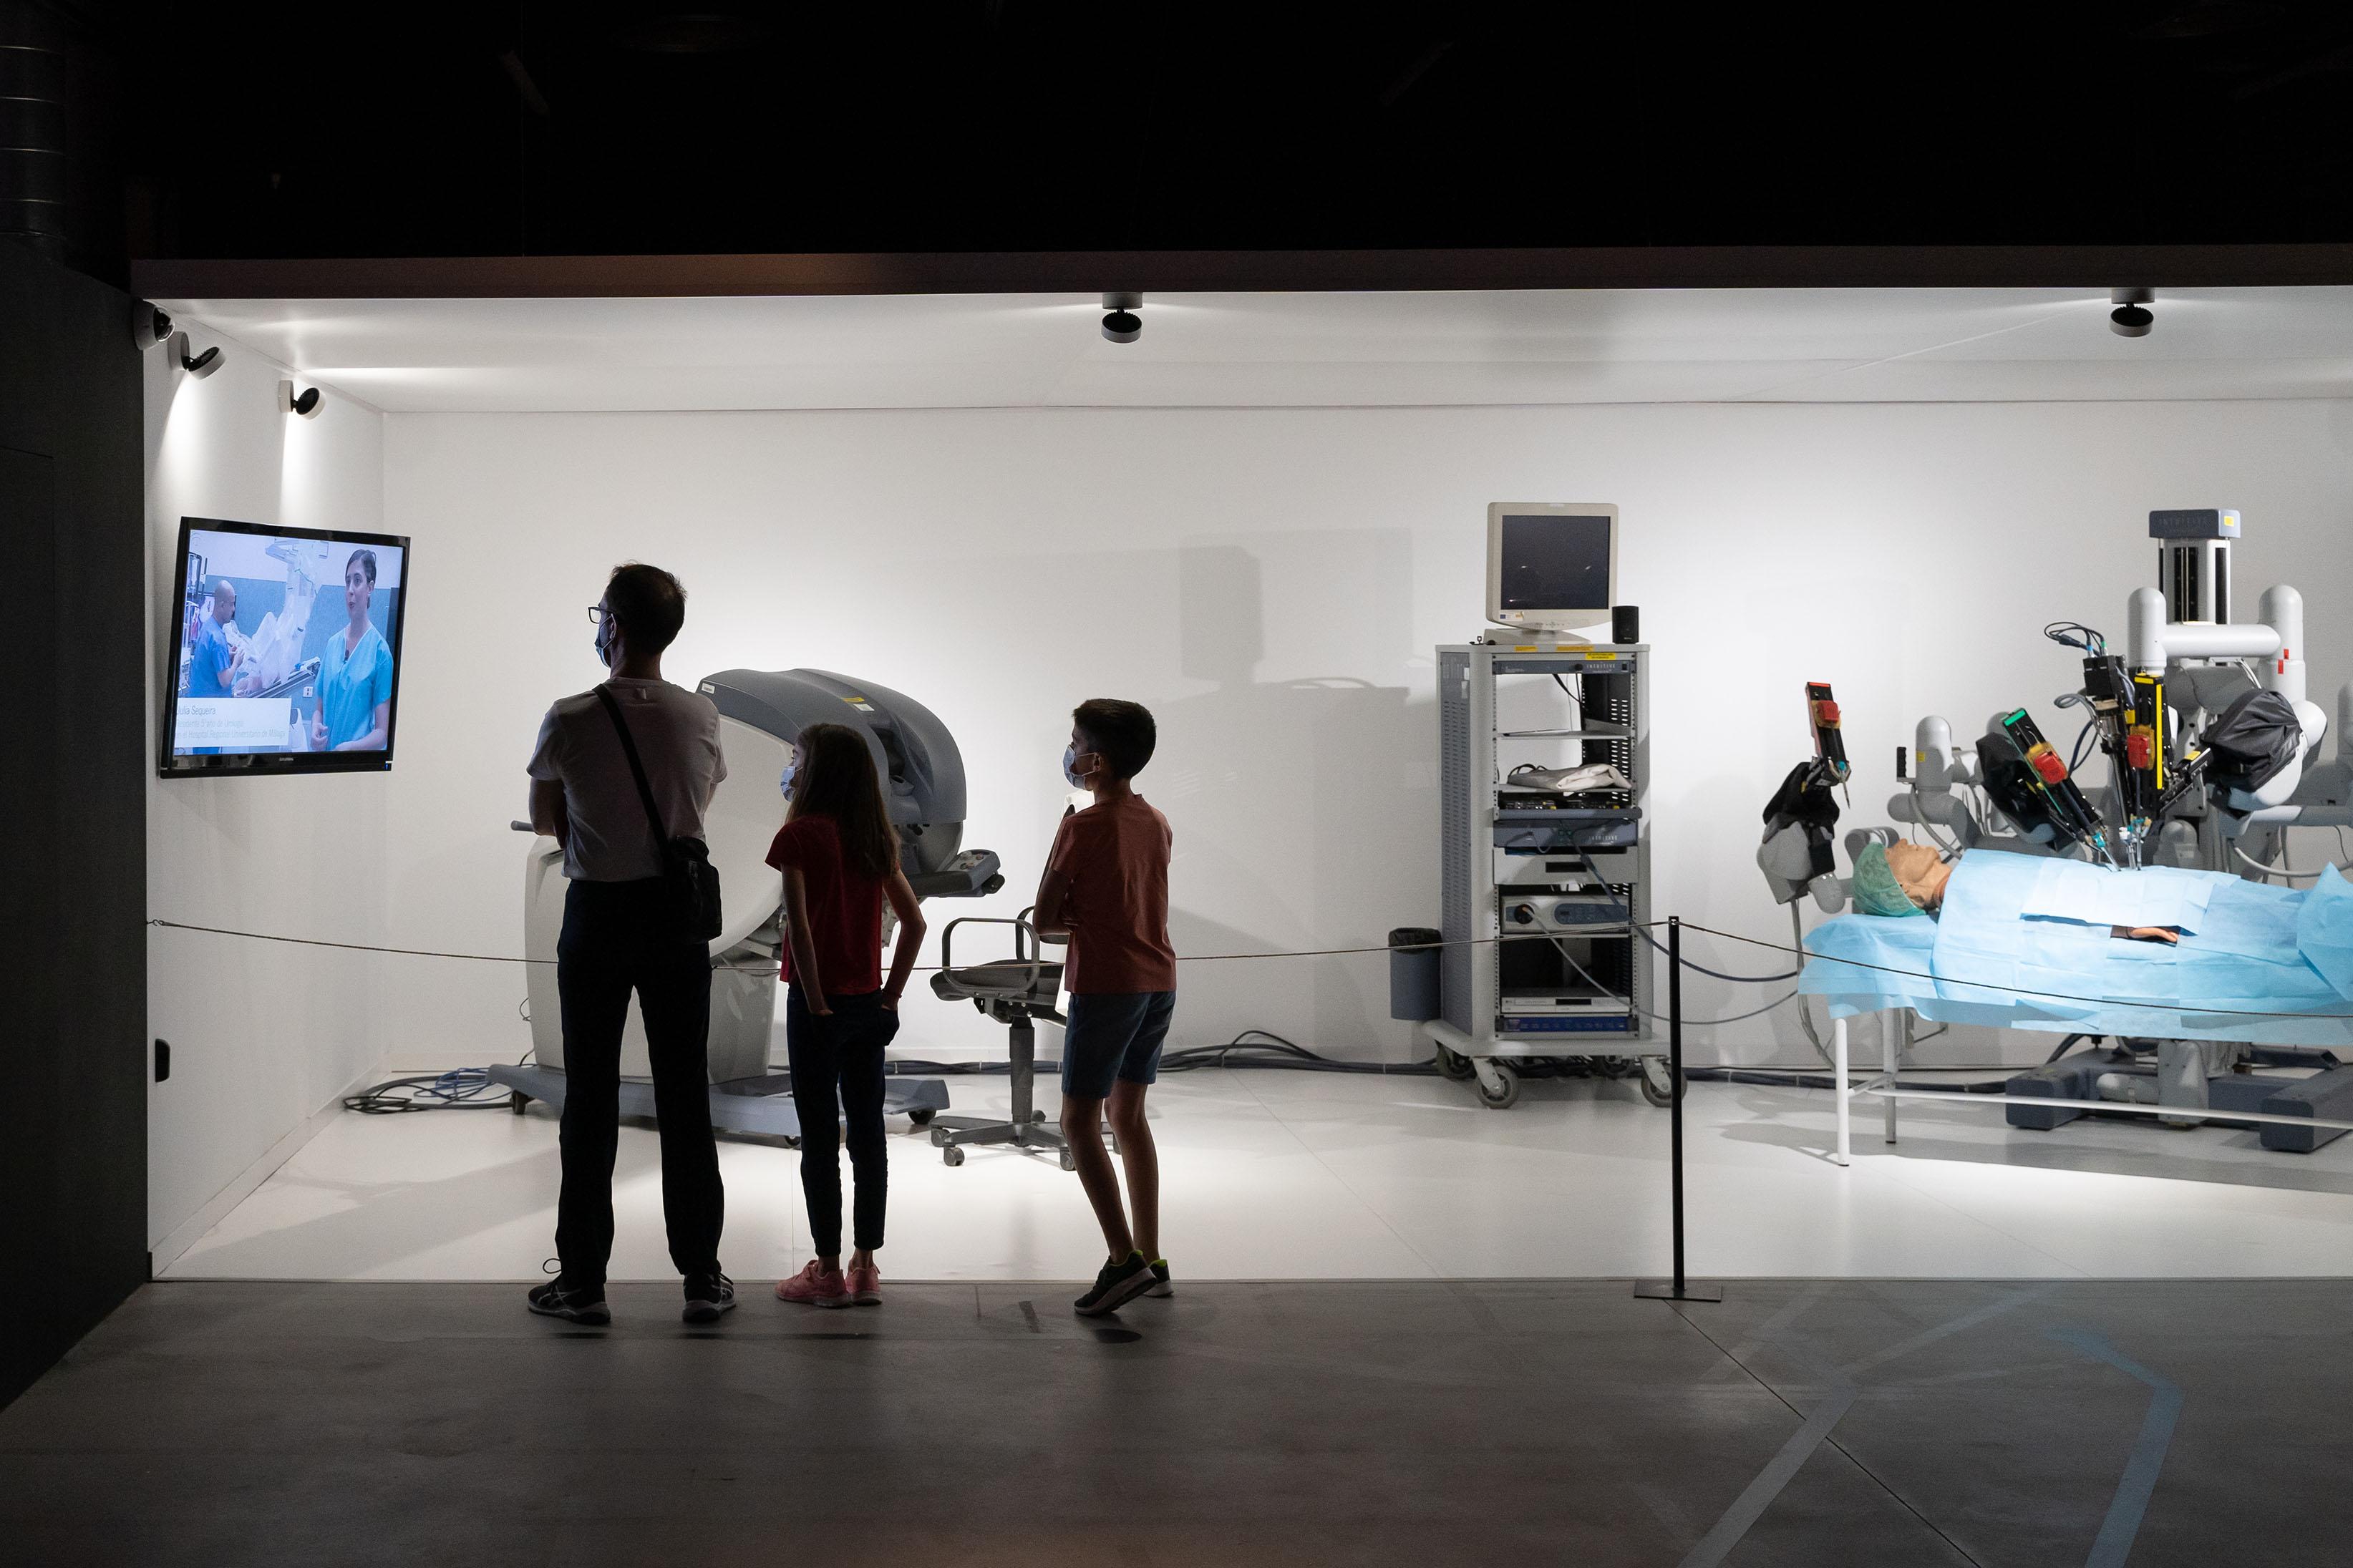 El Parque de las Ciencias fomenta vocaciones científicas entre los jóvenes en la Noche de los Investigadores